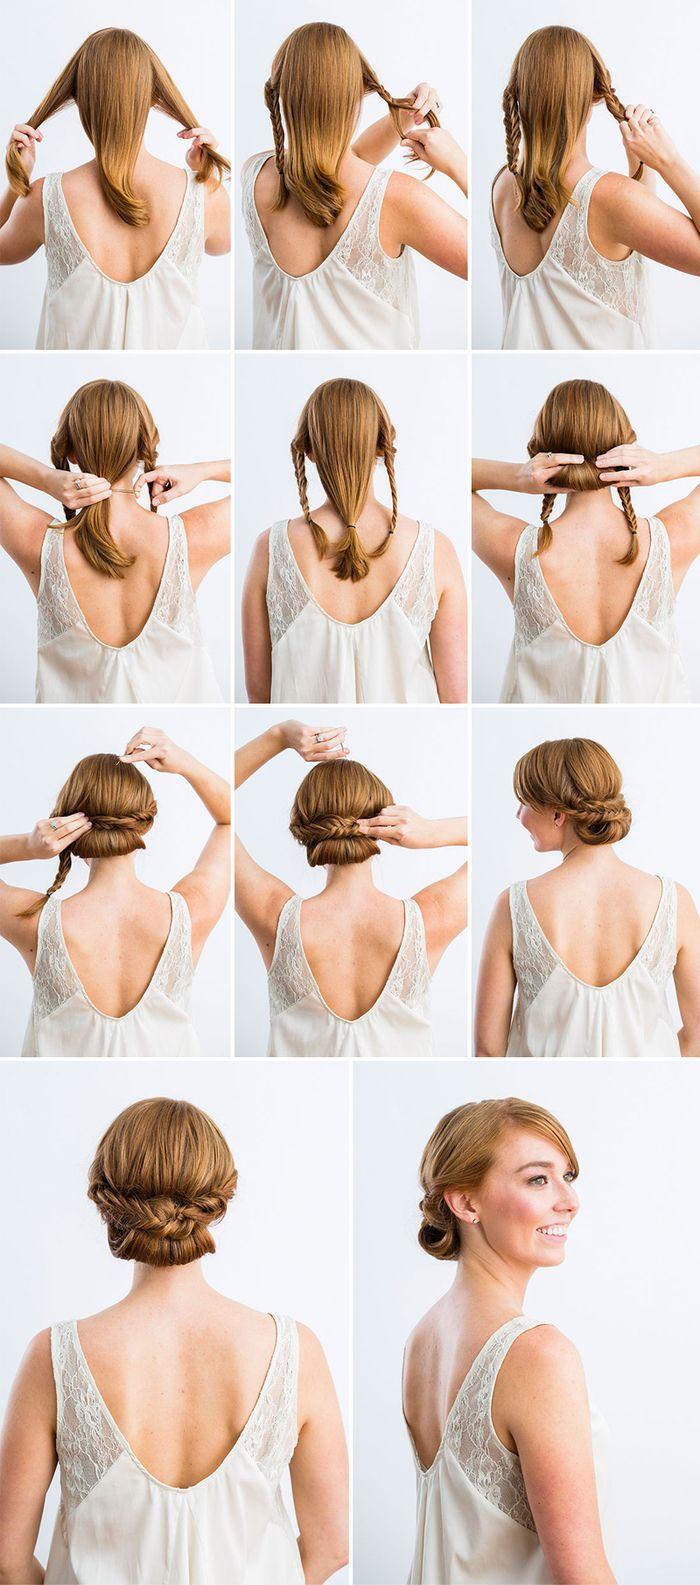 Eine Anleitung Wie Einfach Und Schnell Die Frisur Selber Machen